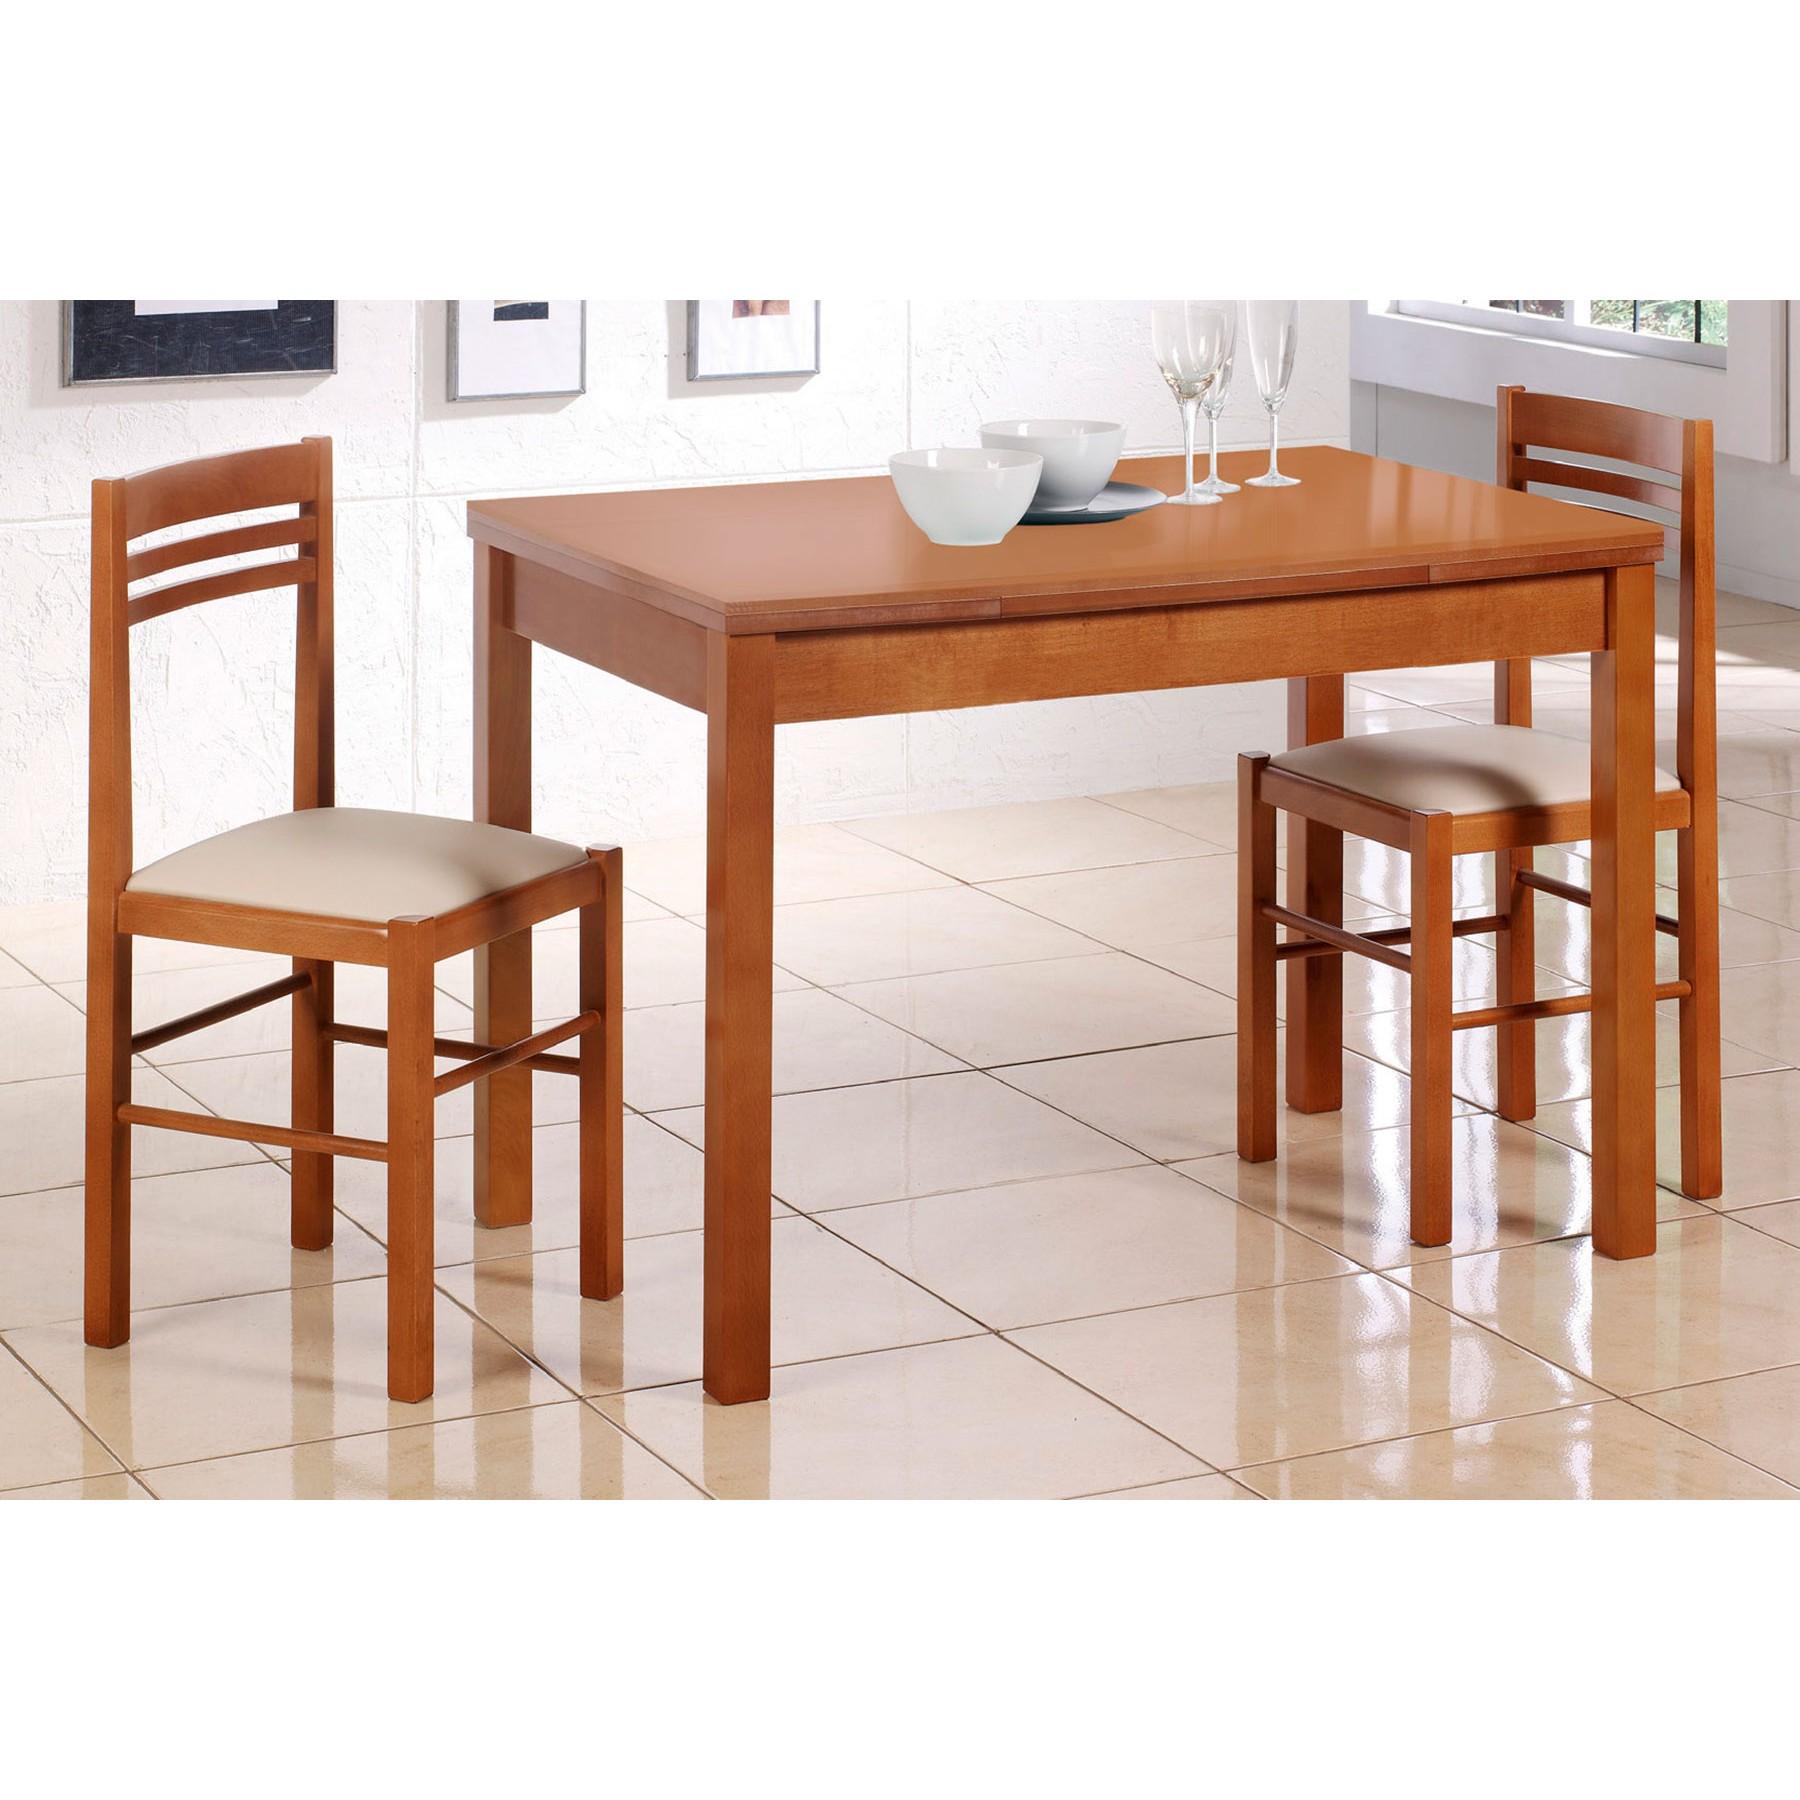 Conjunto pack de mesa y sillas de cocina en madera econ mico